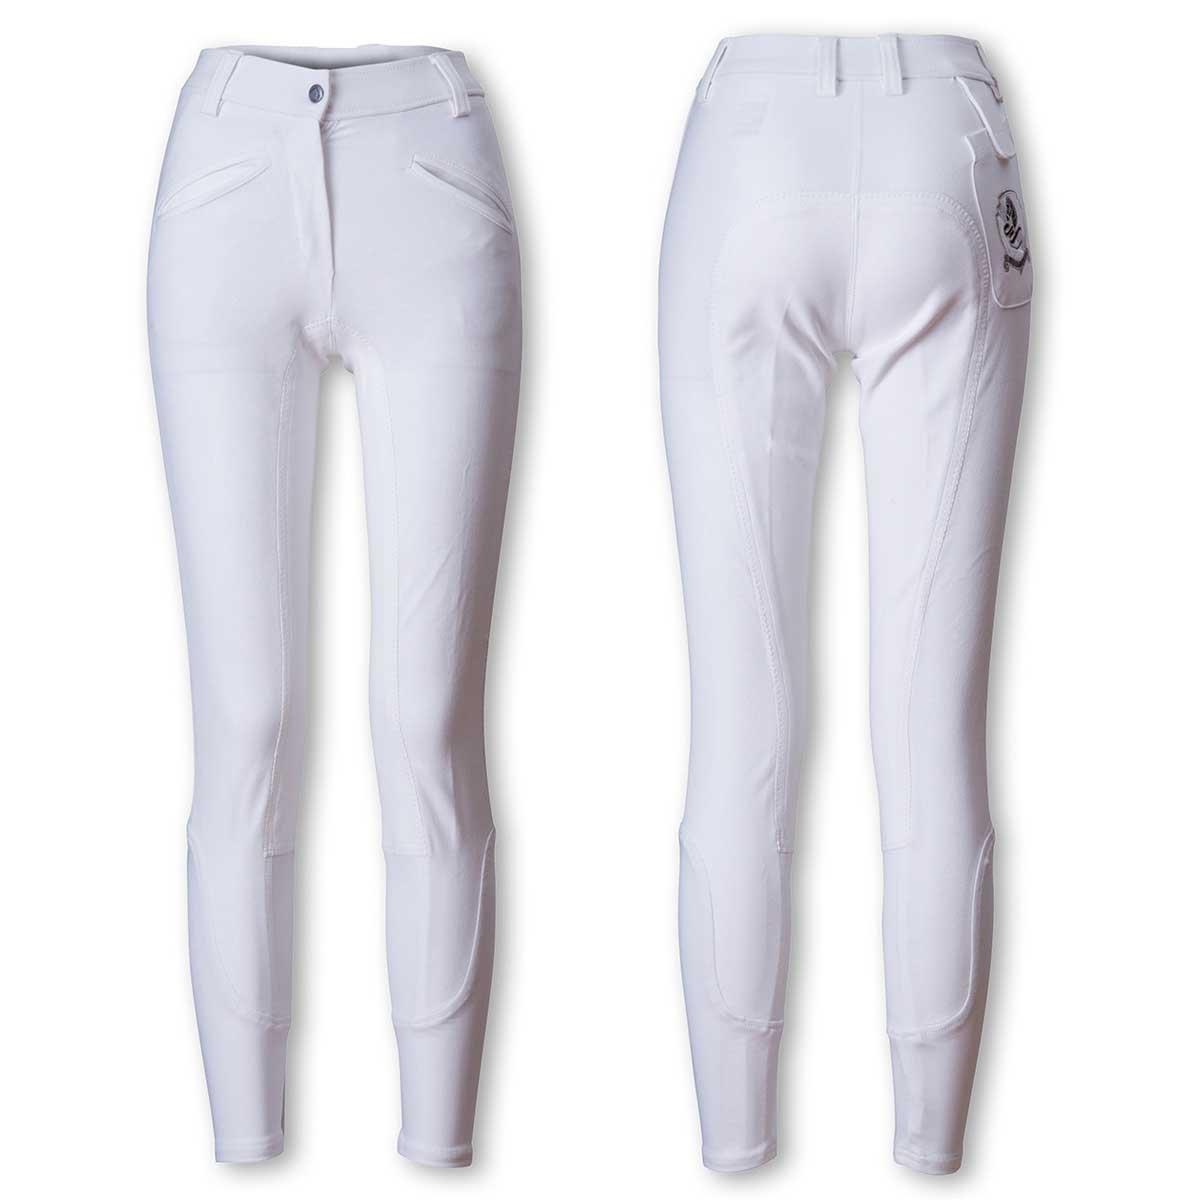 乗馬 キュロット ズボン パンツ EQULIBERTA ライディングキュロット 尻革 メンズ 乗馬用品 馬具 B077JC794Y XL ホワイト/ホワイト ホワイト/ホワイト XL